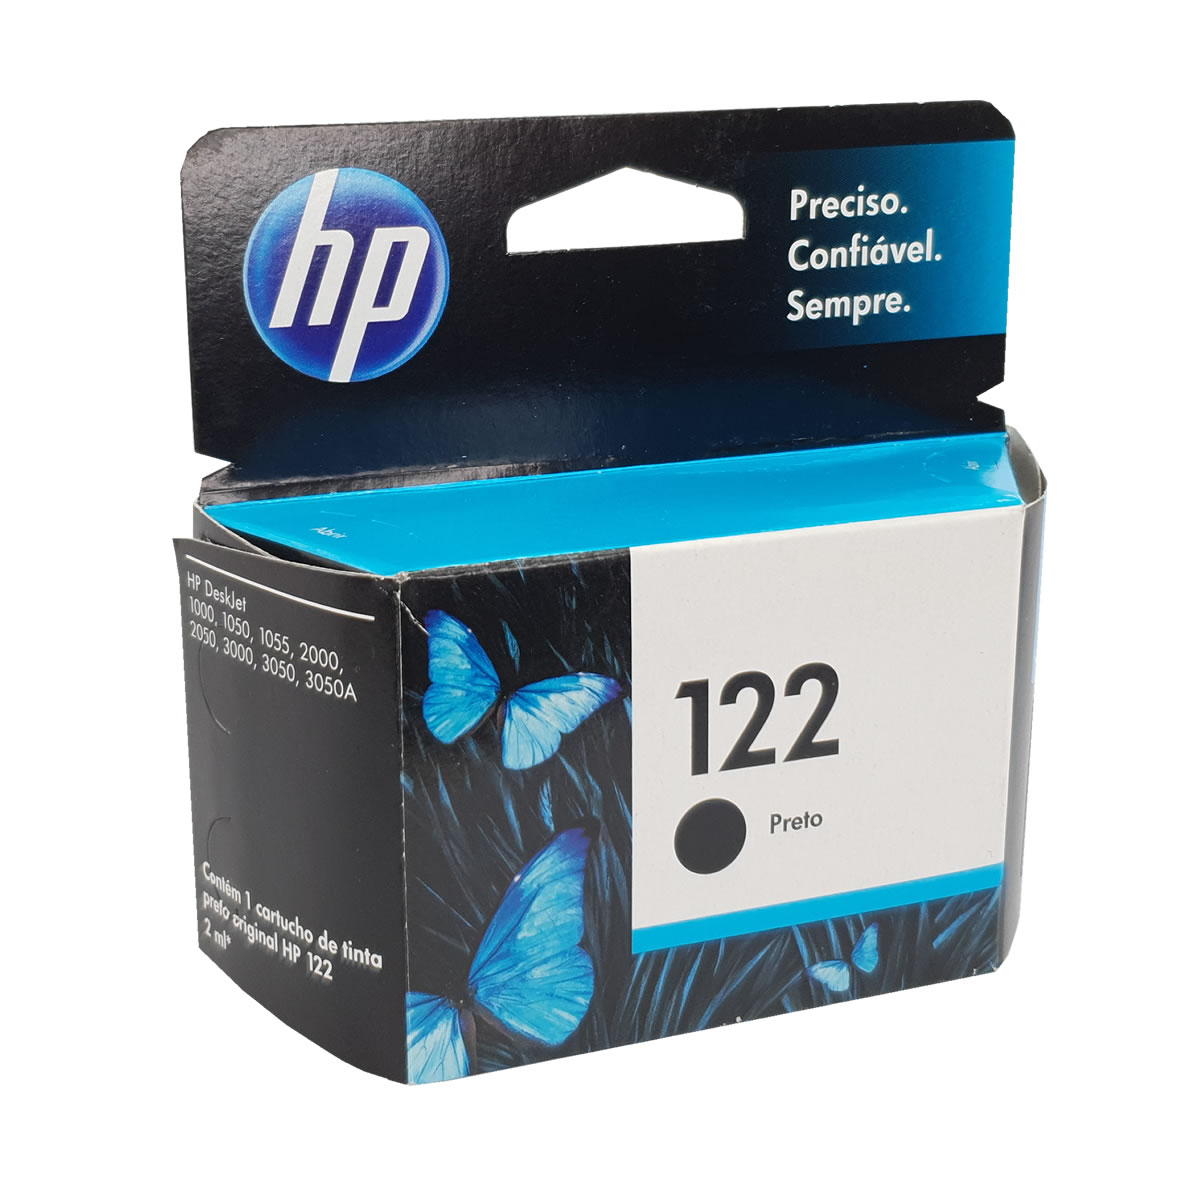 Cartucho HP 122 Preto CH561HE para D1000 D2050 D3050 2050